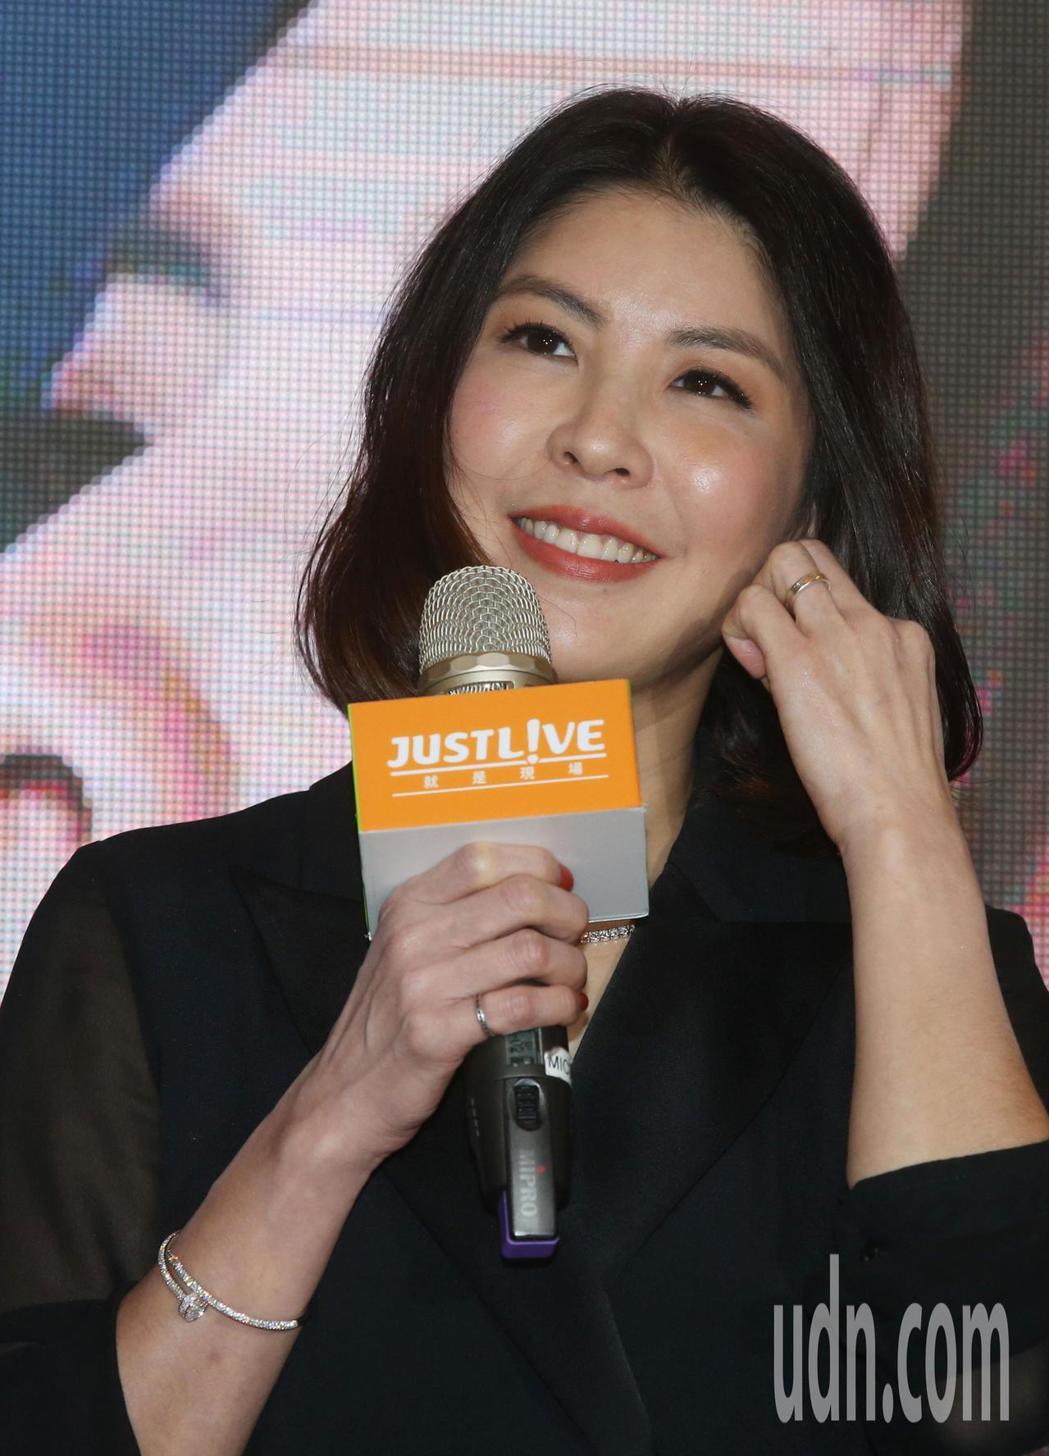 許茹芸即將在明年4月20日在台北小巨蛋舉行「綻放的綻放的綻放」演唱會。今天她在西...